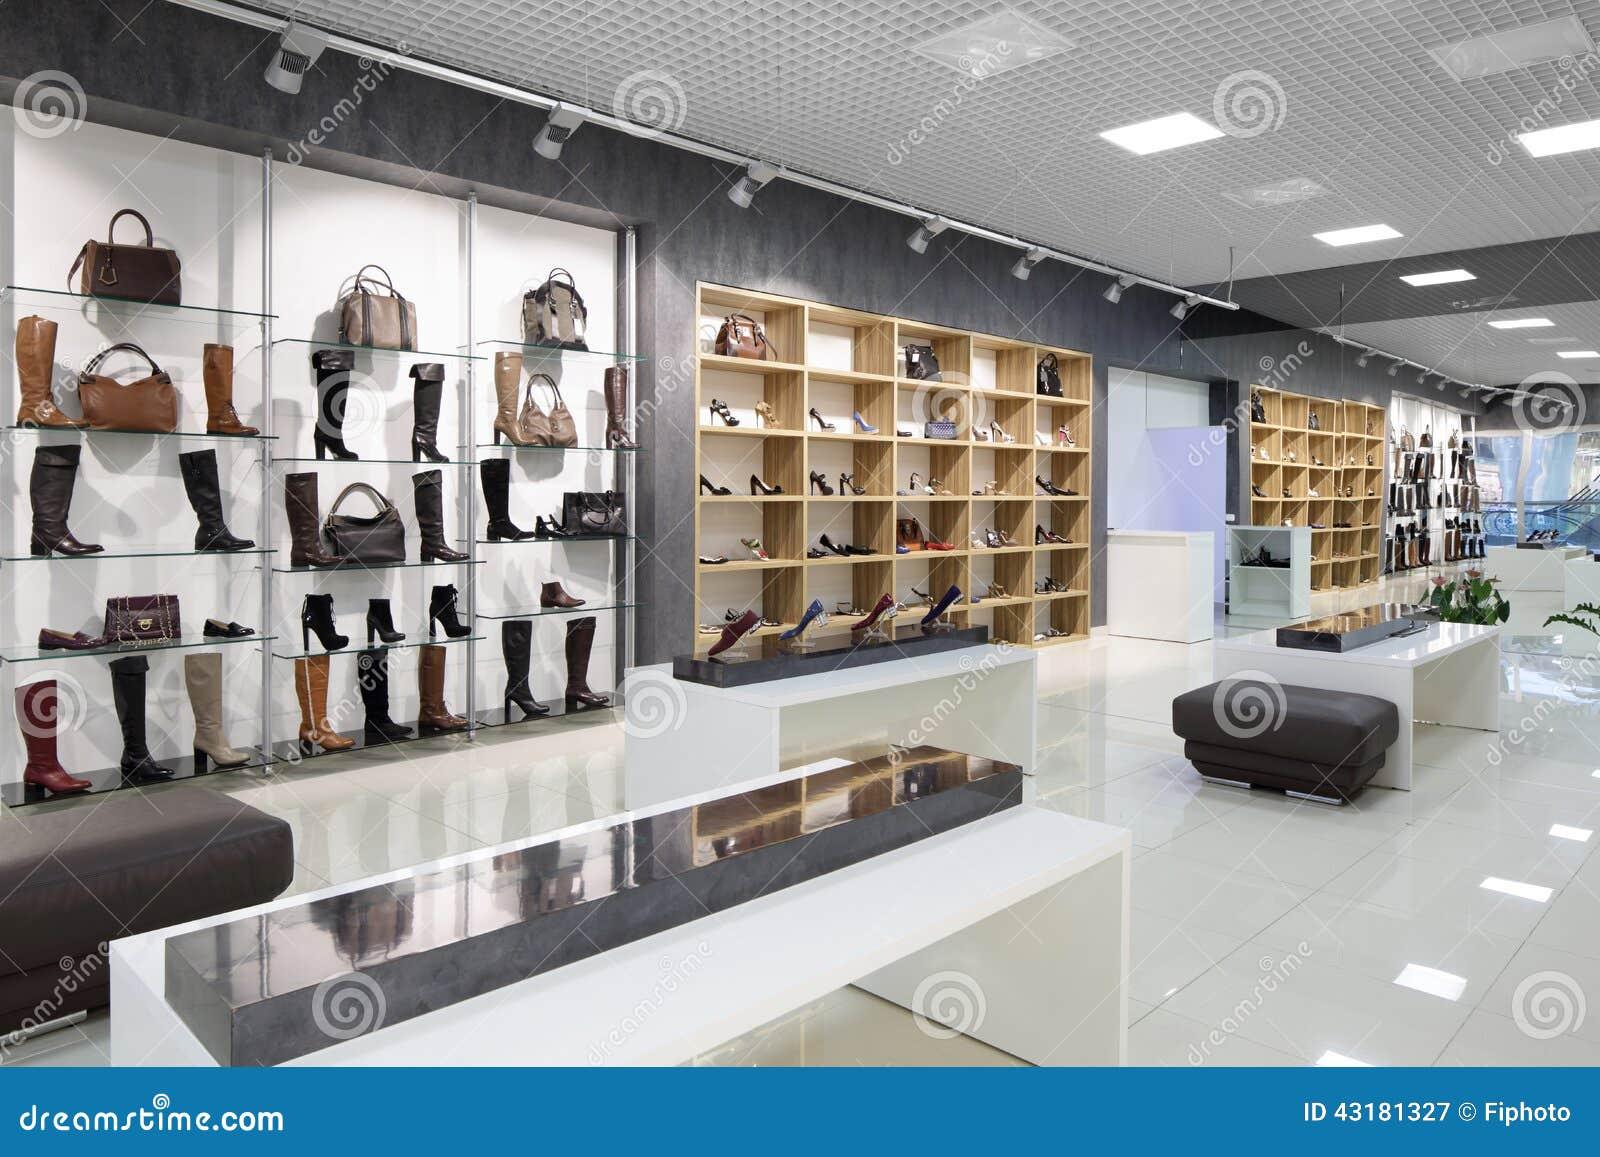 Fotografia Stock: Interno del negozio di scarpe in centro commerciale ...